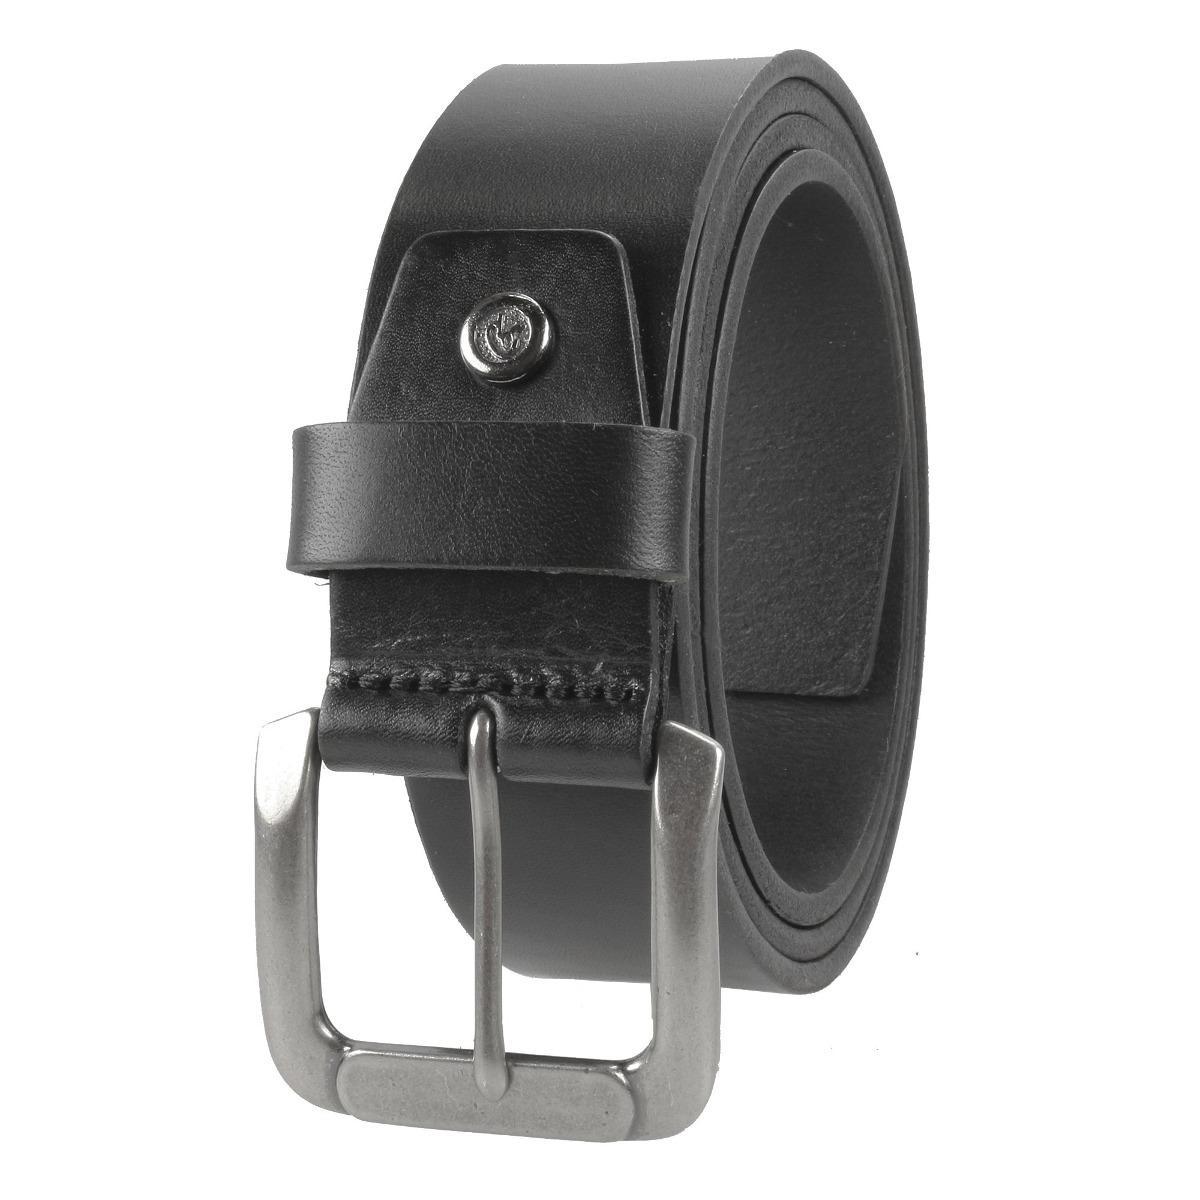 Cinturón De Cuero Para Hombre Gelante - Pieza Superior Gr - U S 49 ... 78303bdc956d